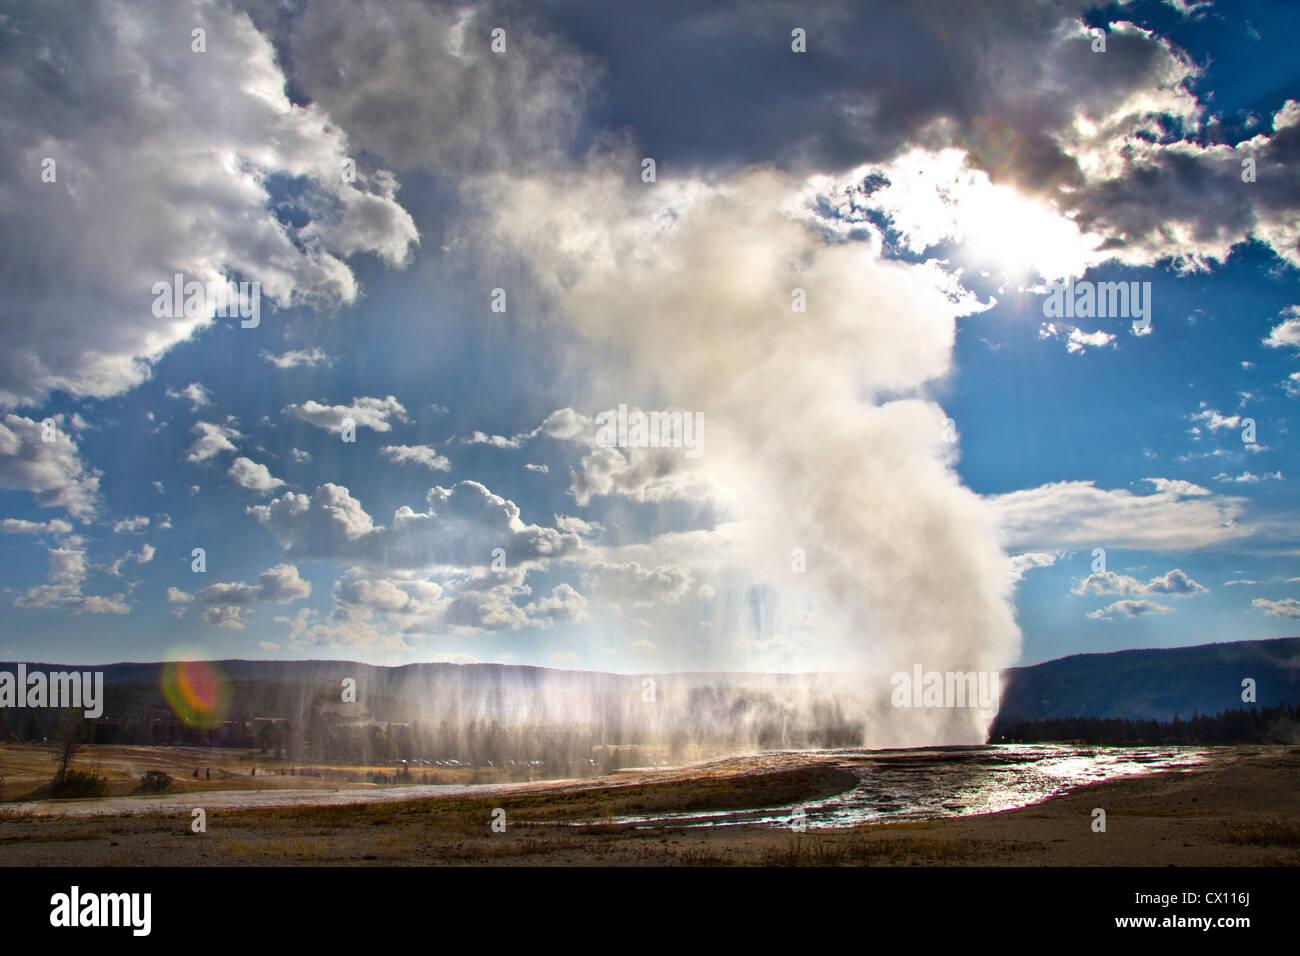 Old Faithful geyser erupting, Yellowstone National Park, Wyoming, USA - Stock Image